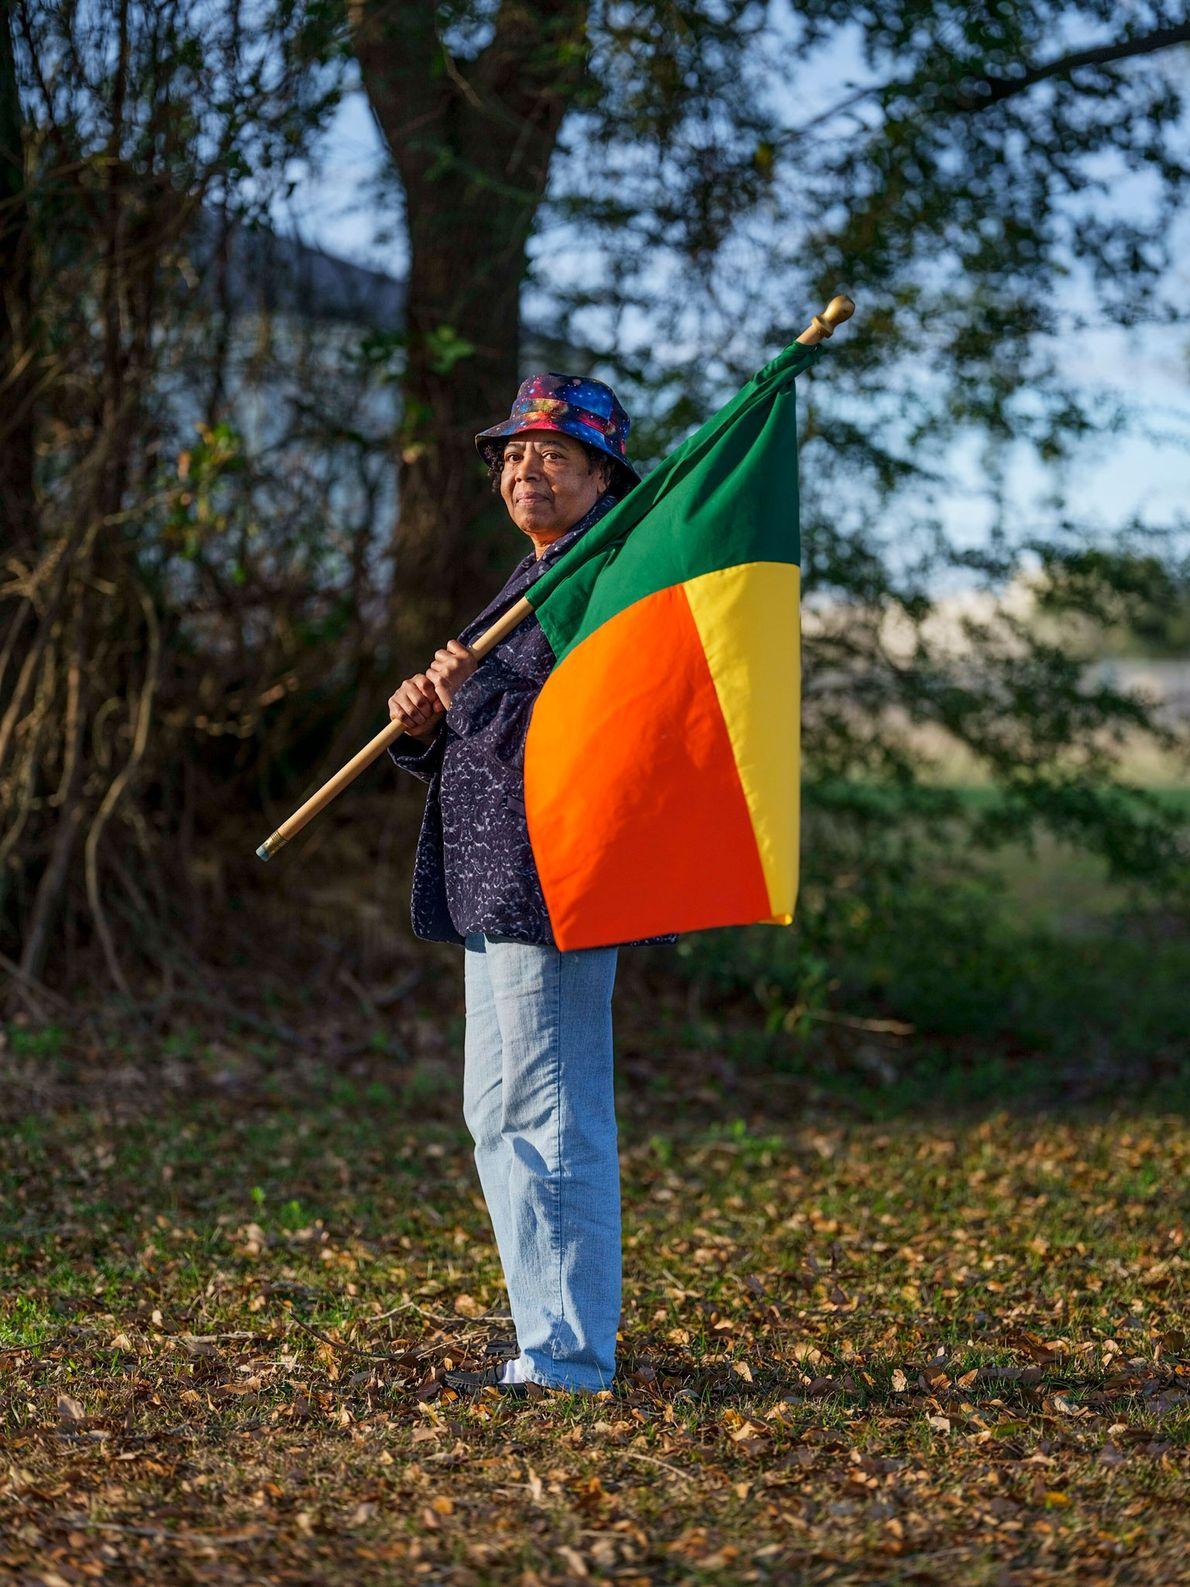 Patricia Frazier segura a bandeira do Benin, a nação moderna que já foi governada pelo rei ...